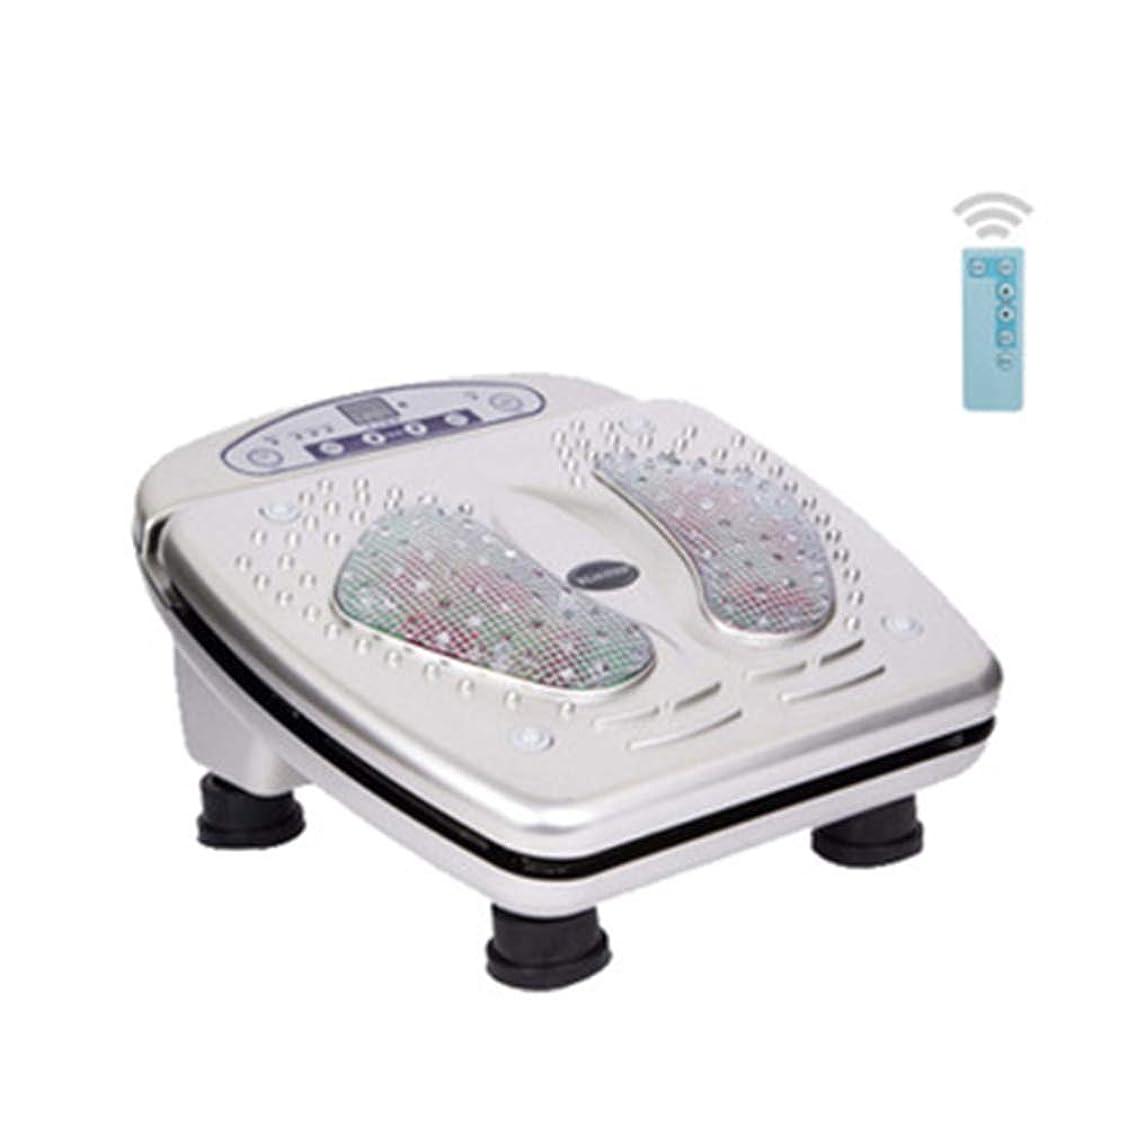 かなり驚くばかり存在足底筋膜炎および足の痛みを軽減するための熱、調節可能な強度を備えた電気指圧フットマッサージャー - 家庭用およびオフィス用 -